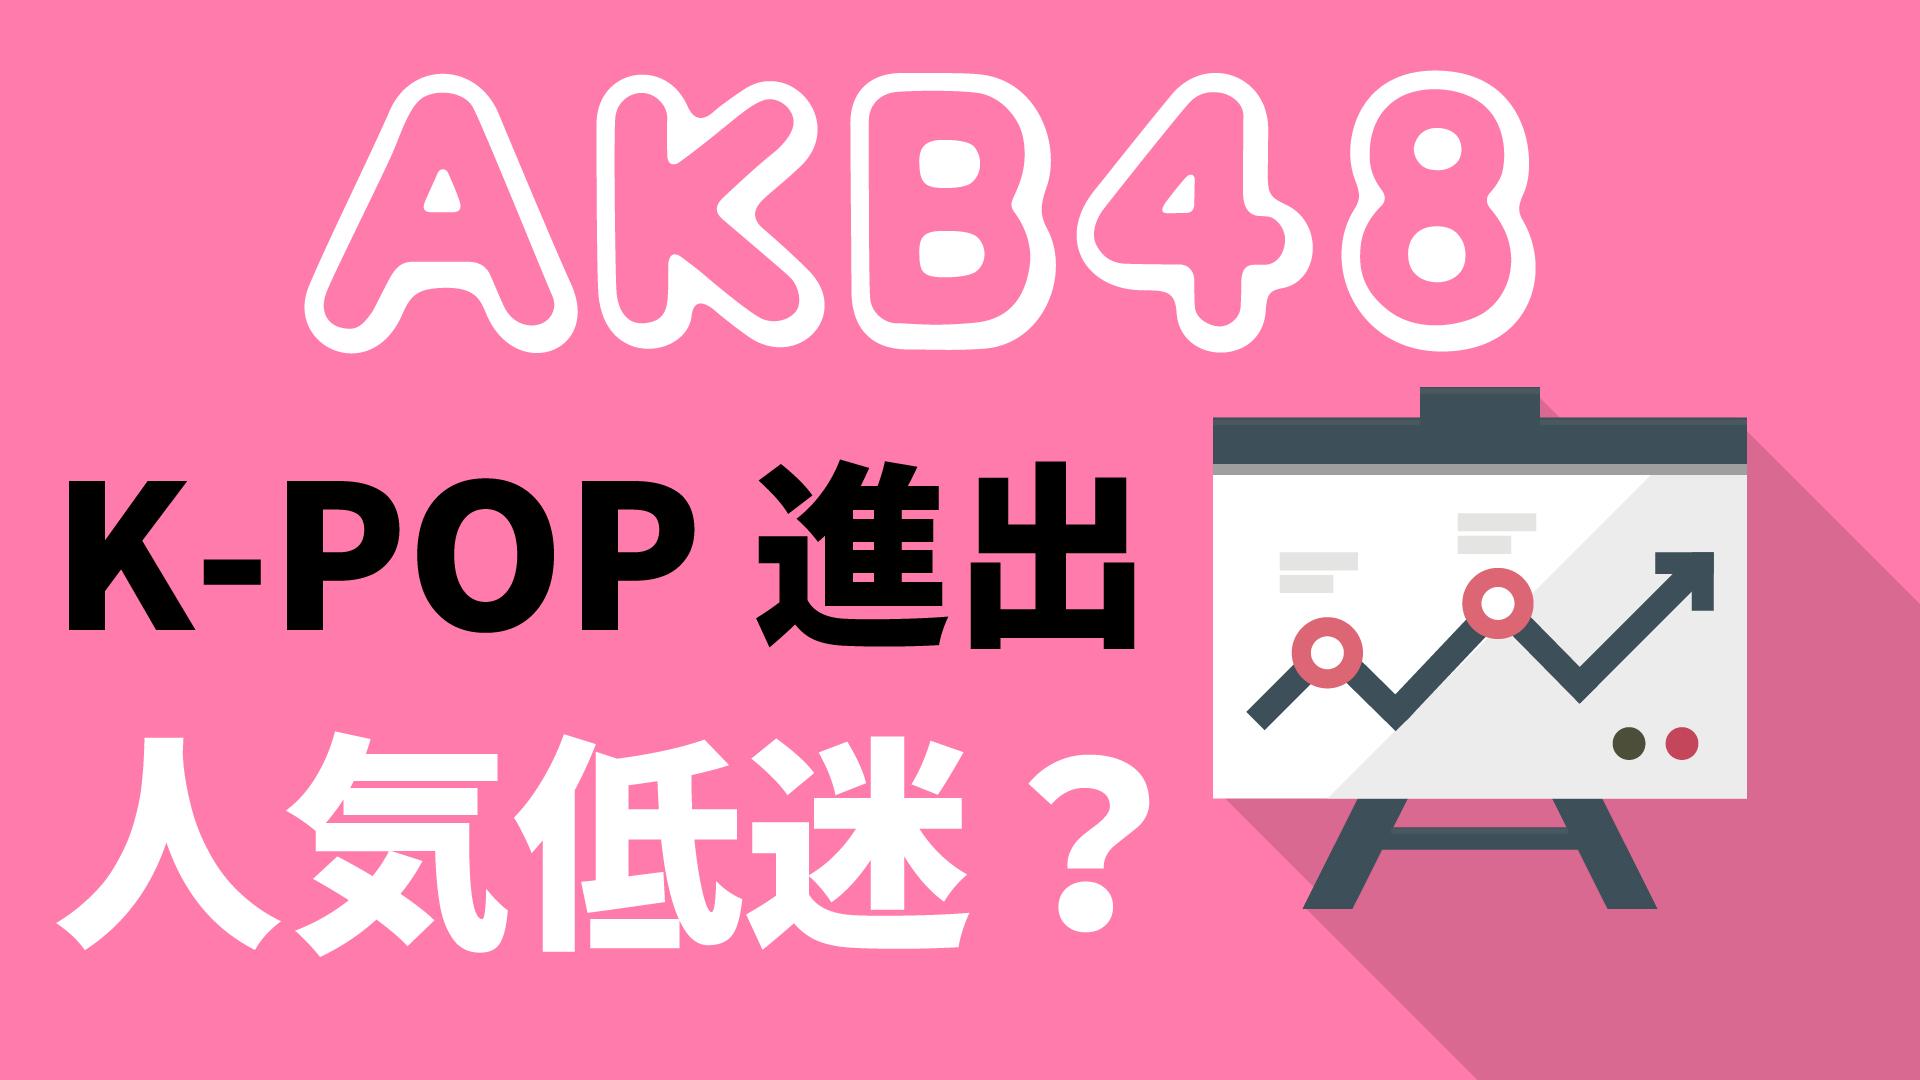 AKB48の人気低迷は本当か?K-POP進出に関する考察とその先